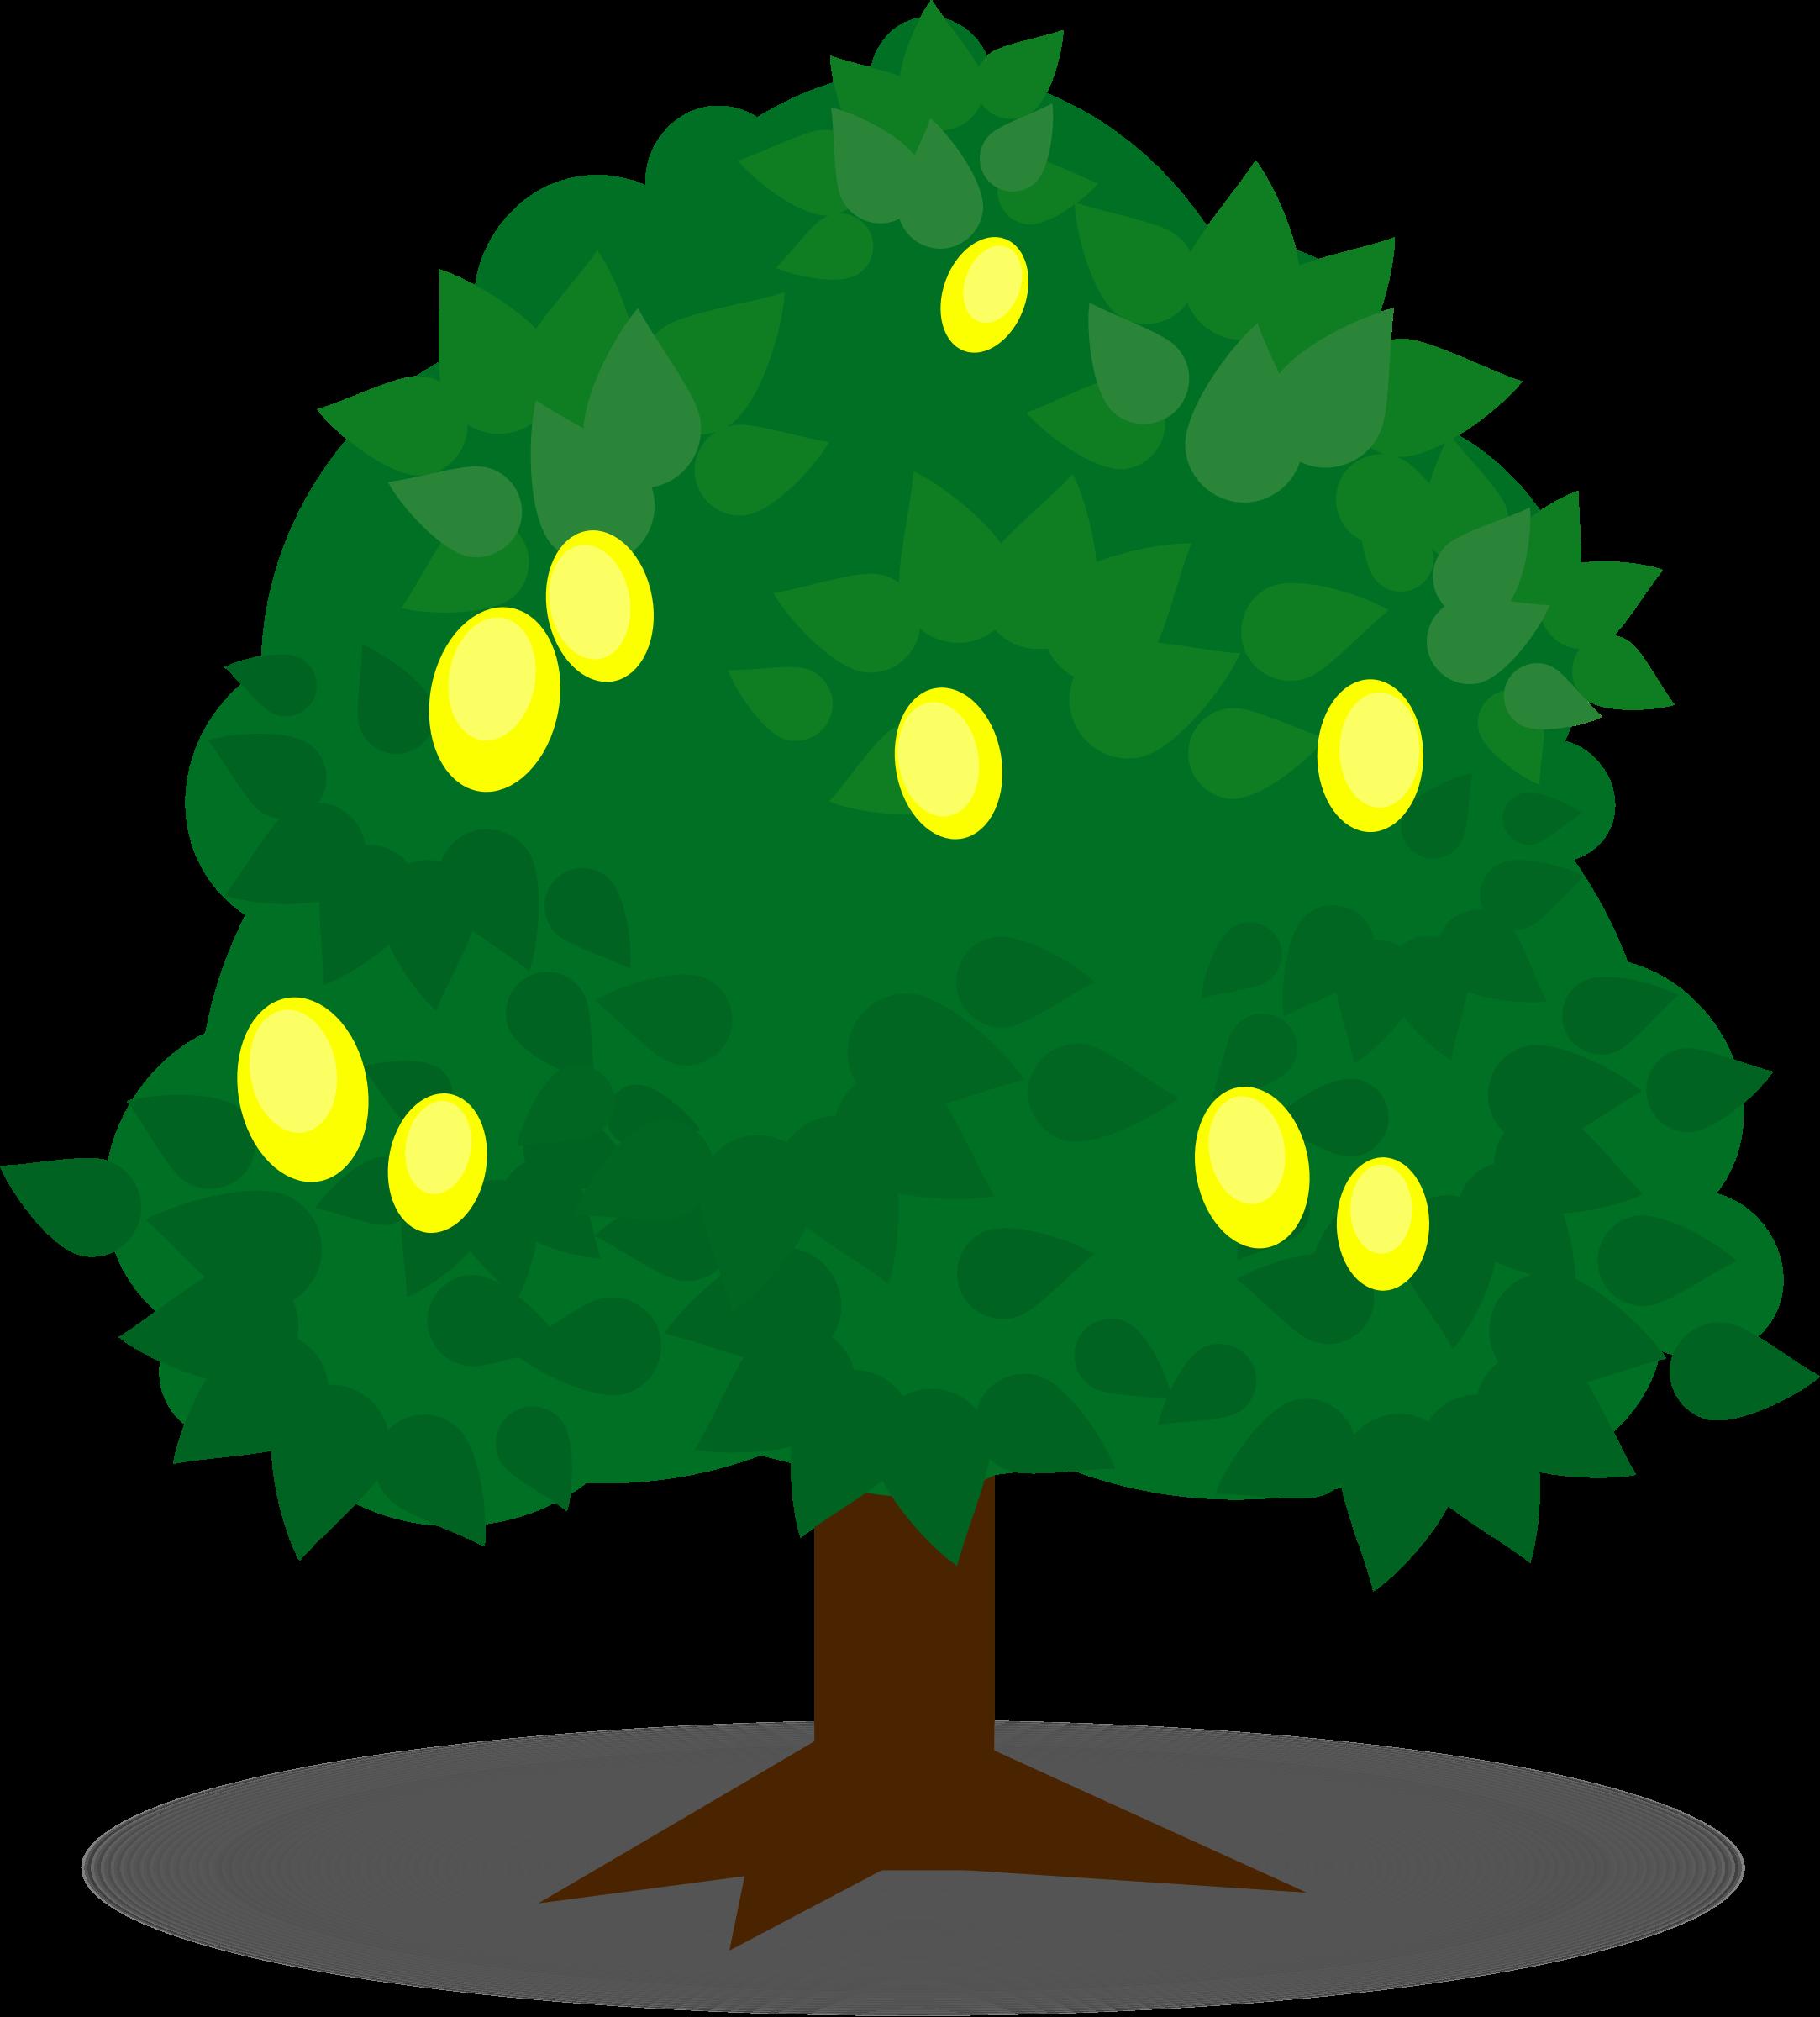 Lemon tree clipart clip transparent download Clipart - Lemon tree 3 clip transparent download